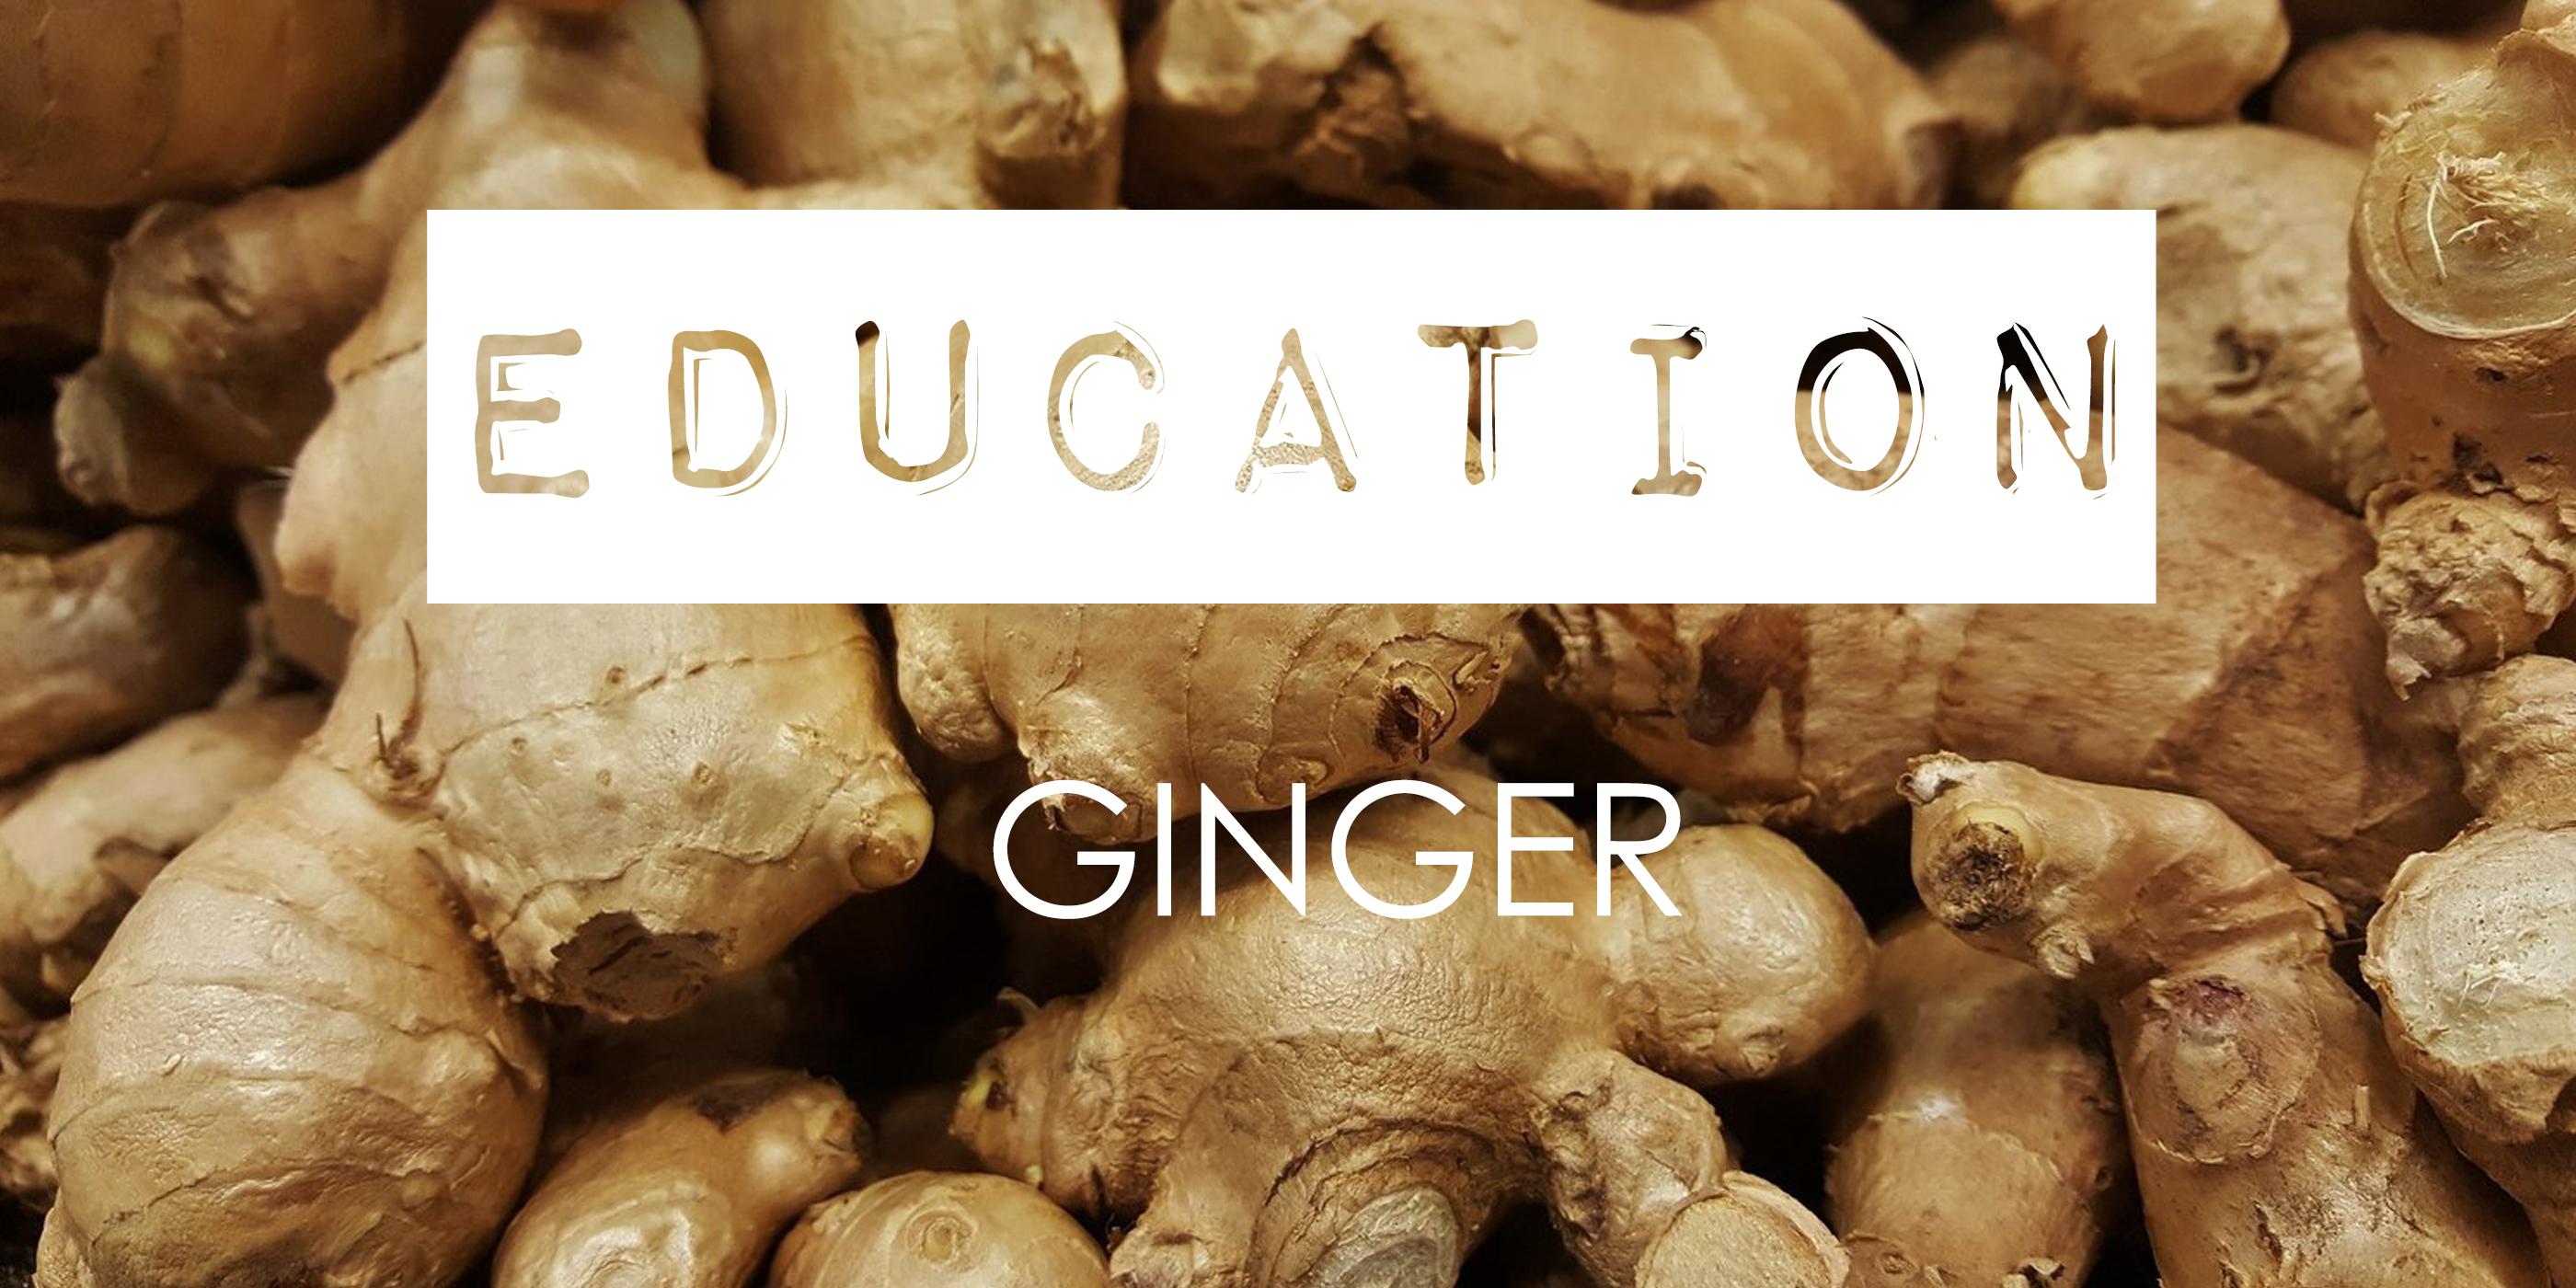 Ginger parfum ingredient